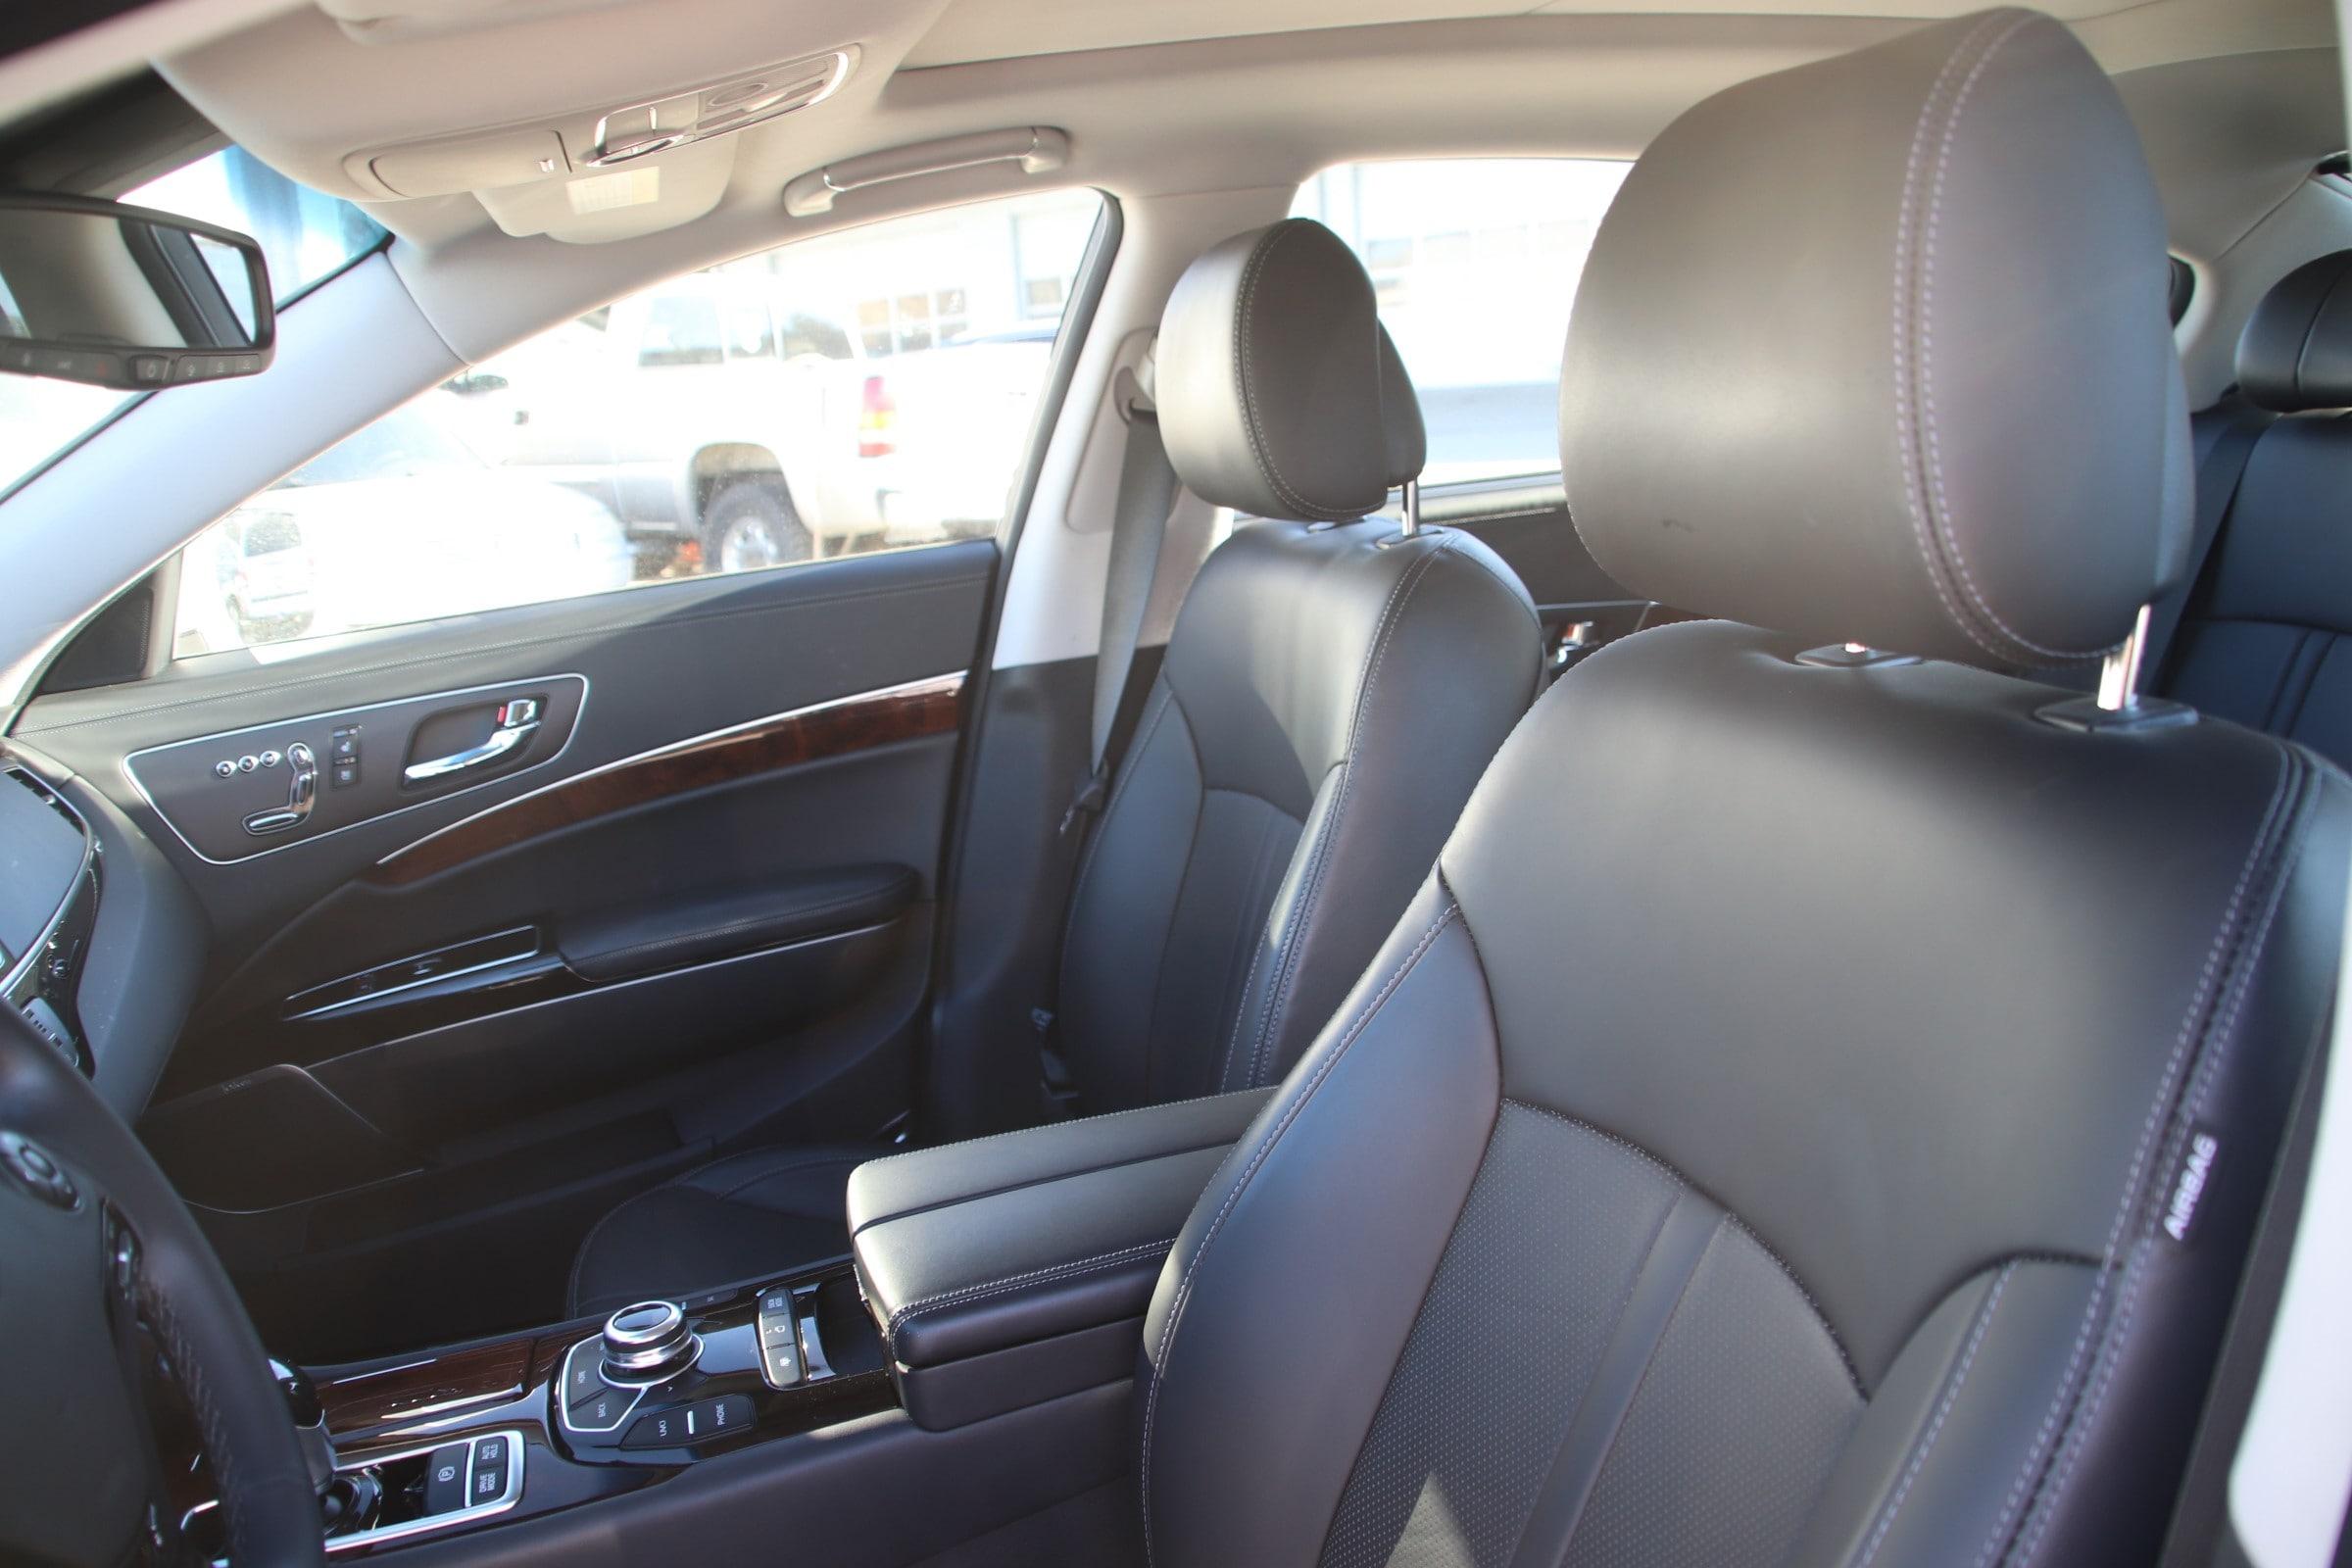 2017 Kia K900 Luxury 5.0 L >> Used 2017 Kia K900 For Sale At Stevens Creek Kia Vin